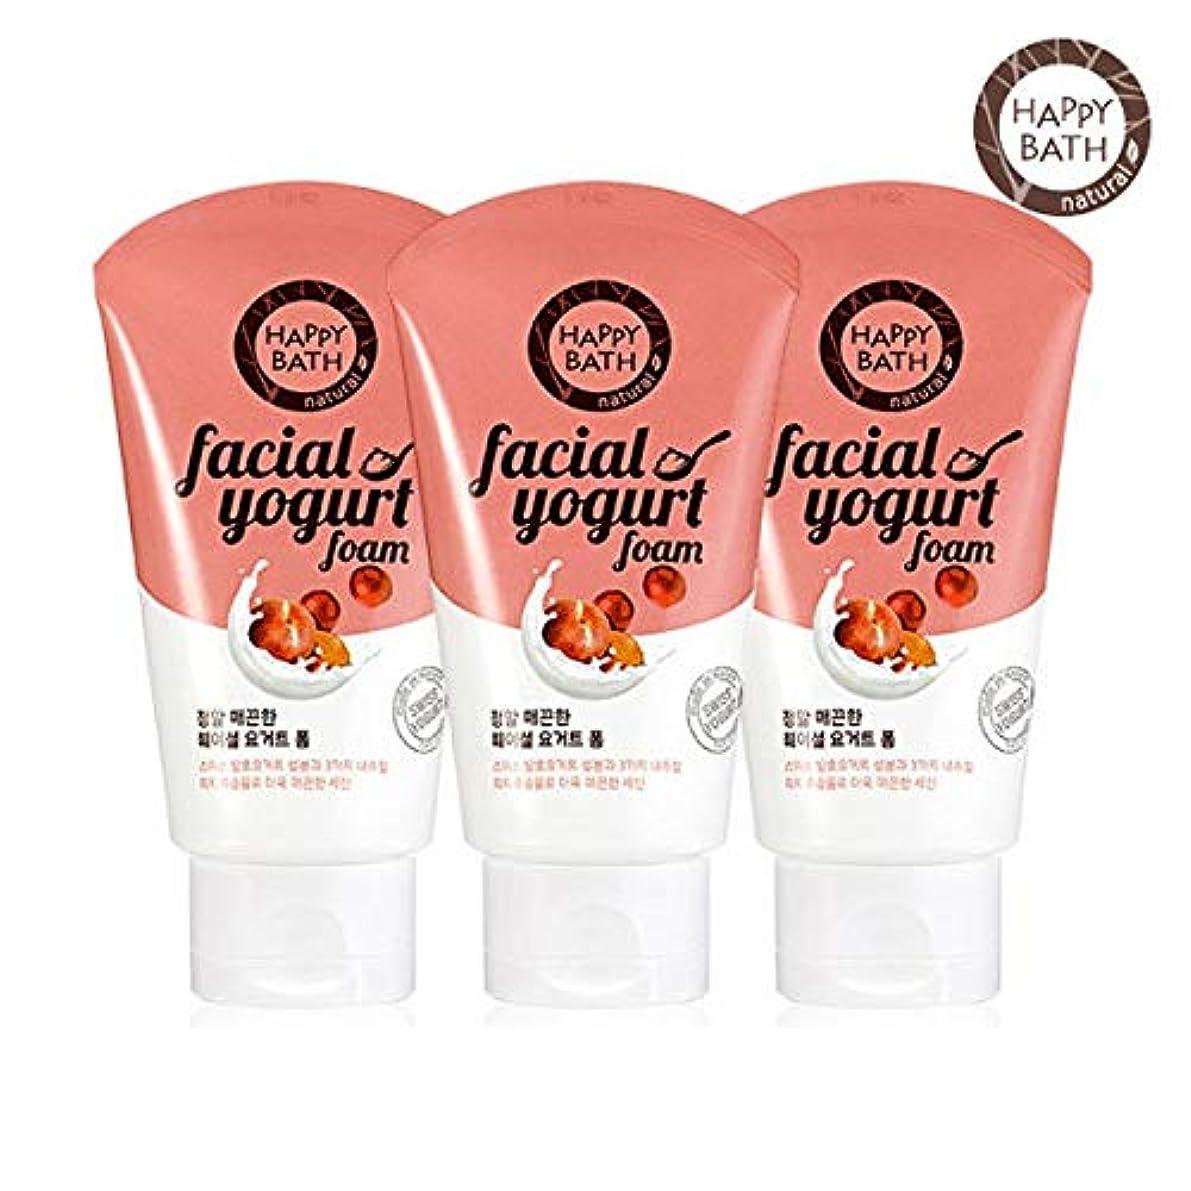 ライター収束する不公平(1+1)ハッピーバスフェイシャルヨーグルトスムースフォーム HAPPY BATH Facial Yogurt Smooth Foam 韓国の人気商品 Korean Beauty Womens